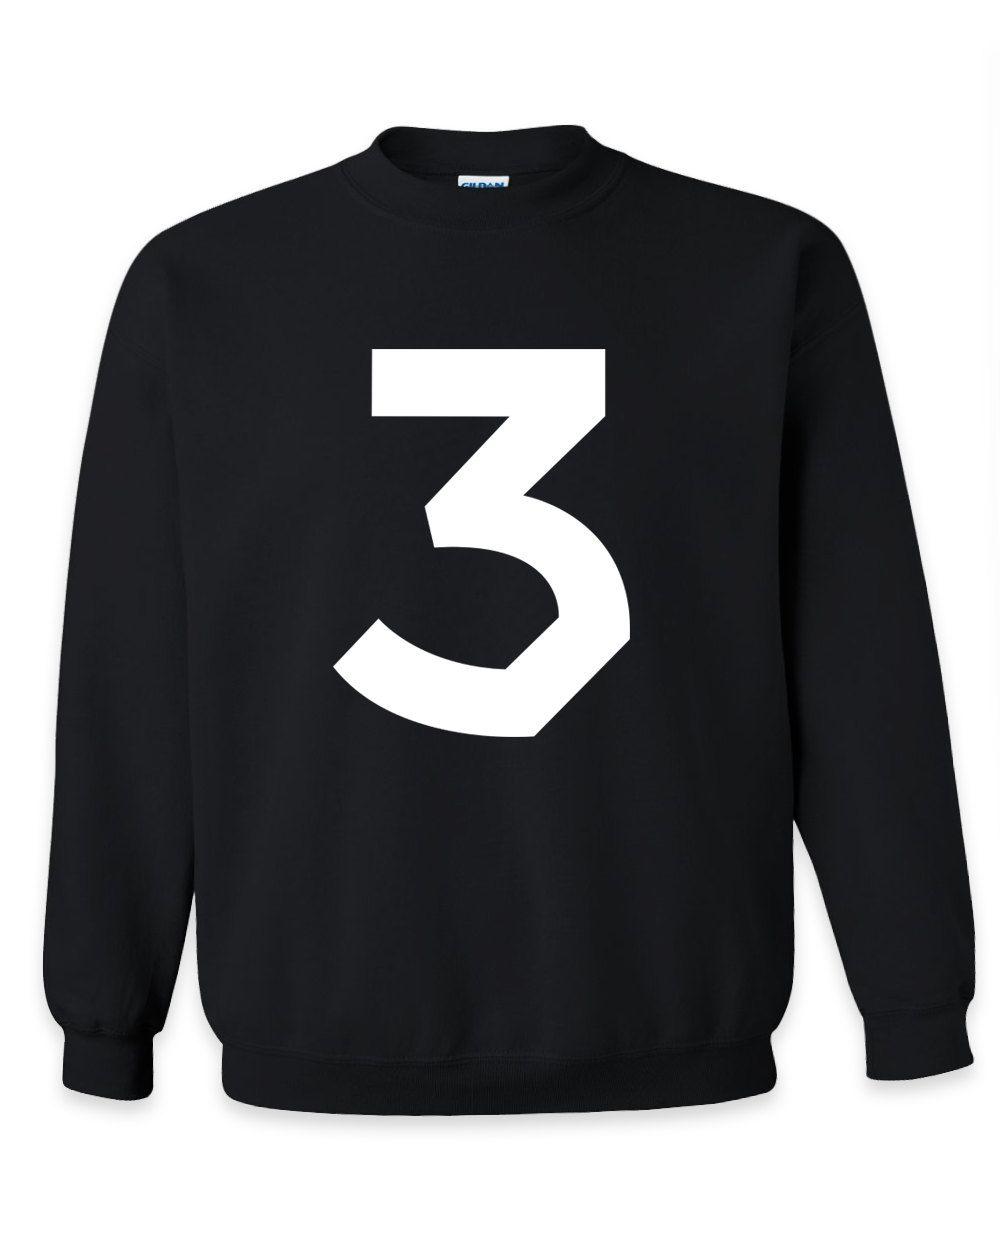 d1044b6fc3f Chance The Rapper Shirt Merch Crewneck Shirt Sweatshirt Crewneck - Three  Shirt - Acid Rap Shirt - Hip Hop - Rap - Chance The Rapper Merch by ...